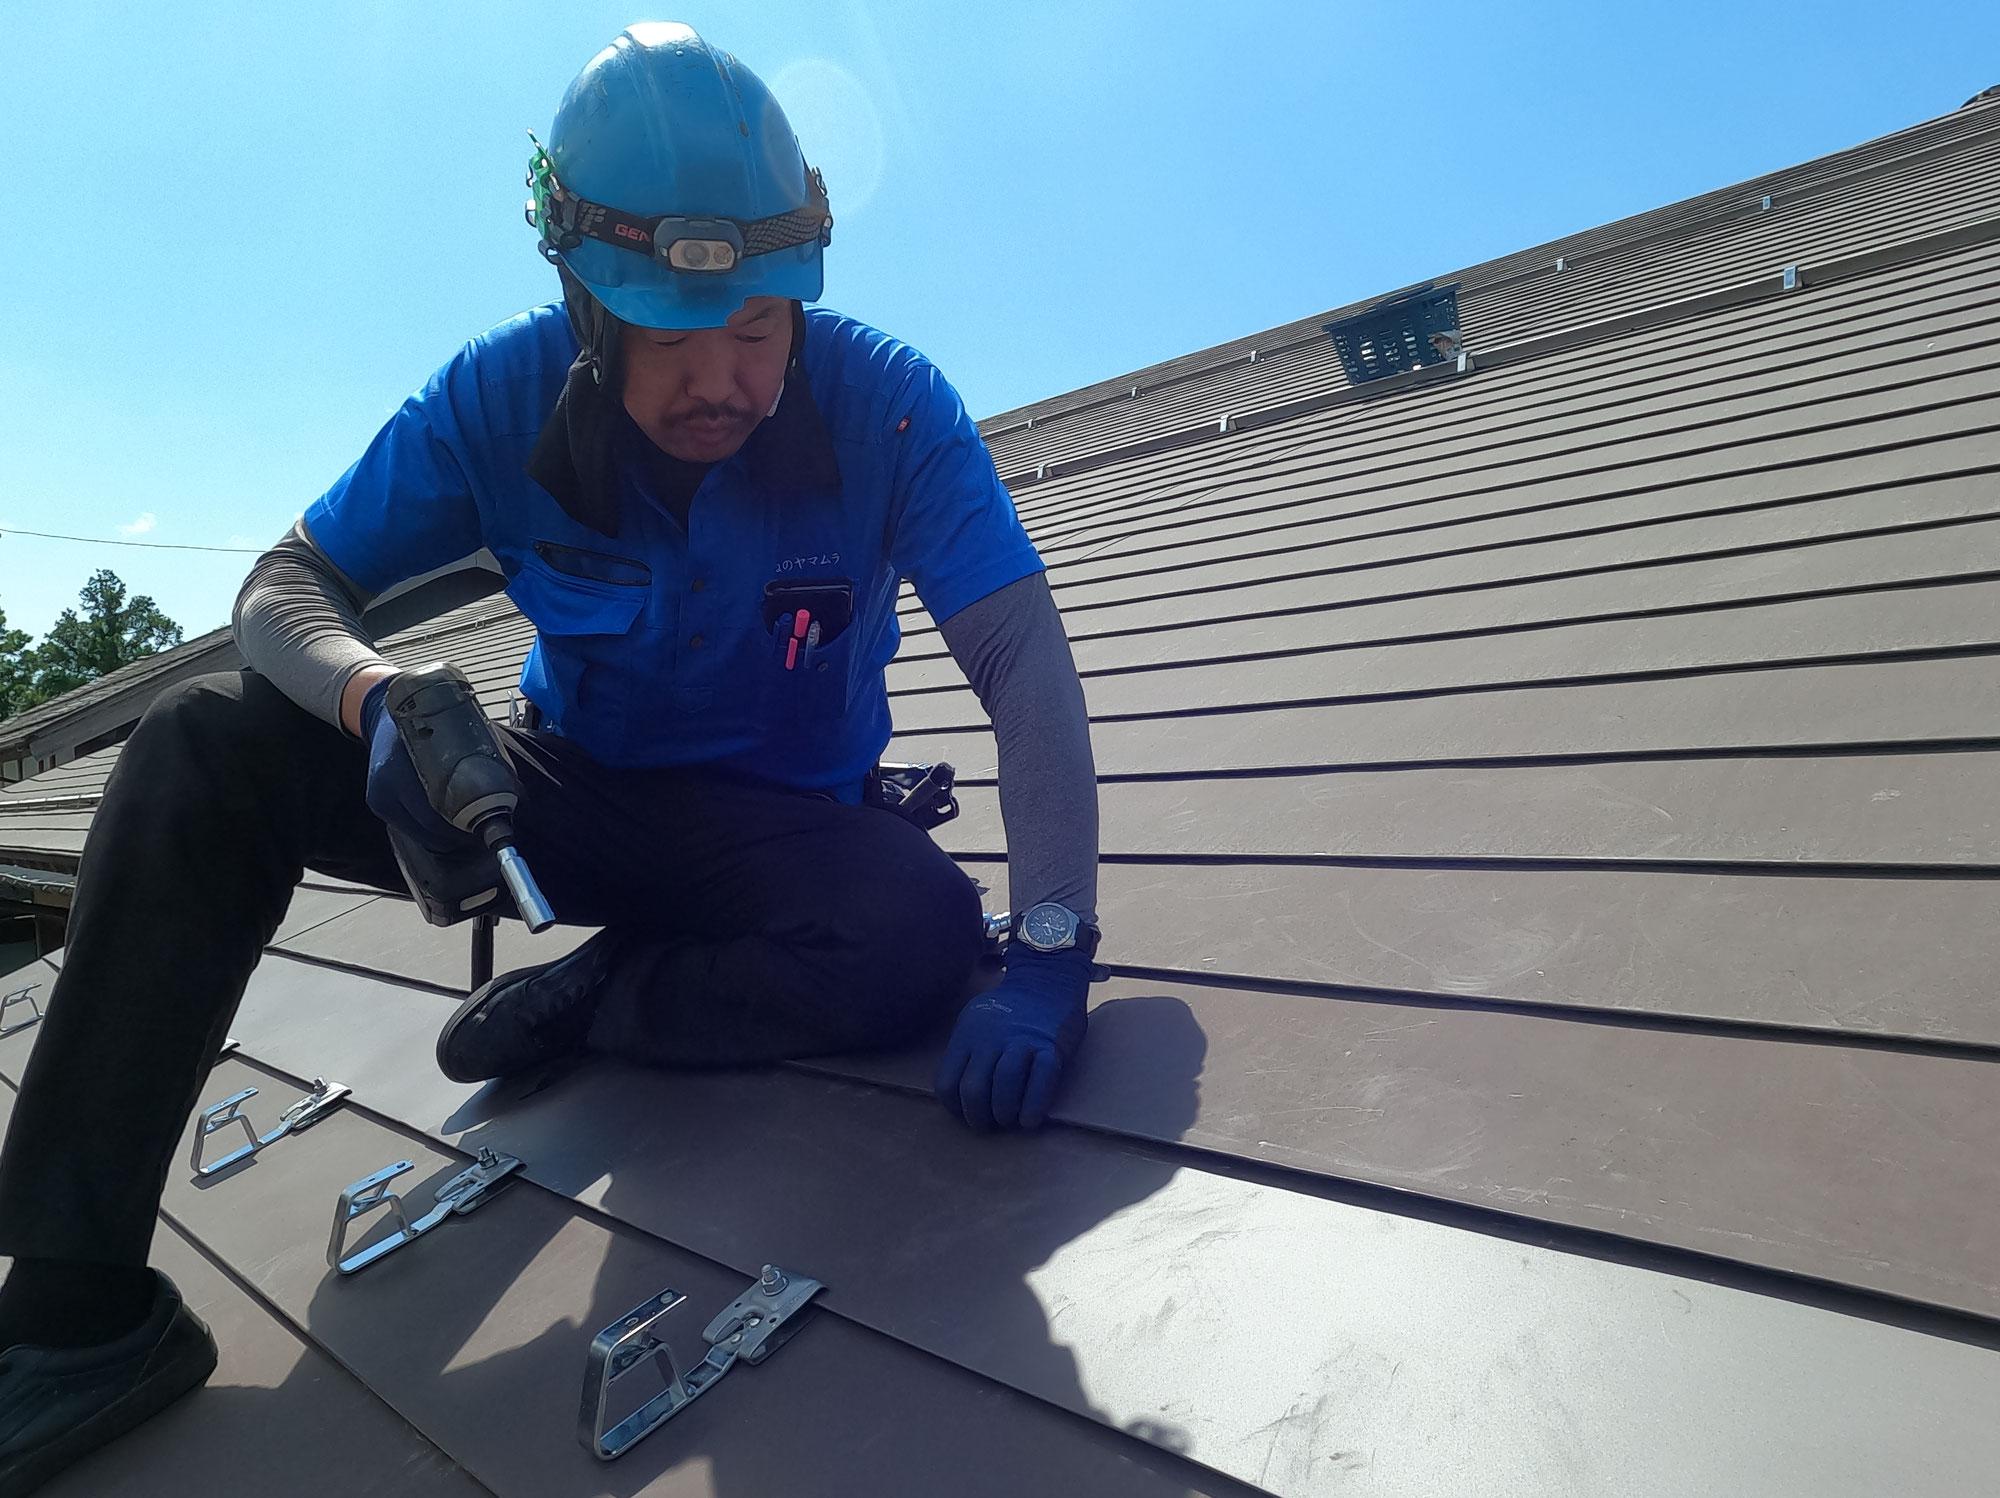 快晴!屋根の工事日和です